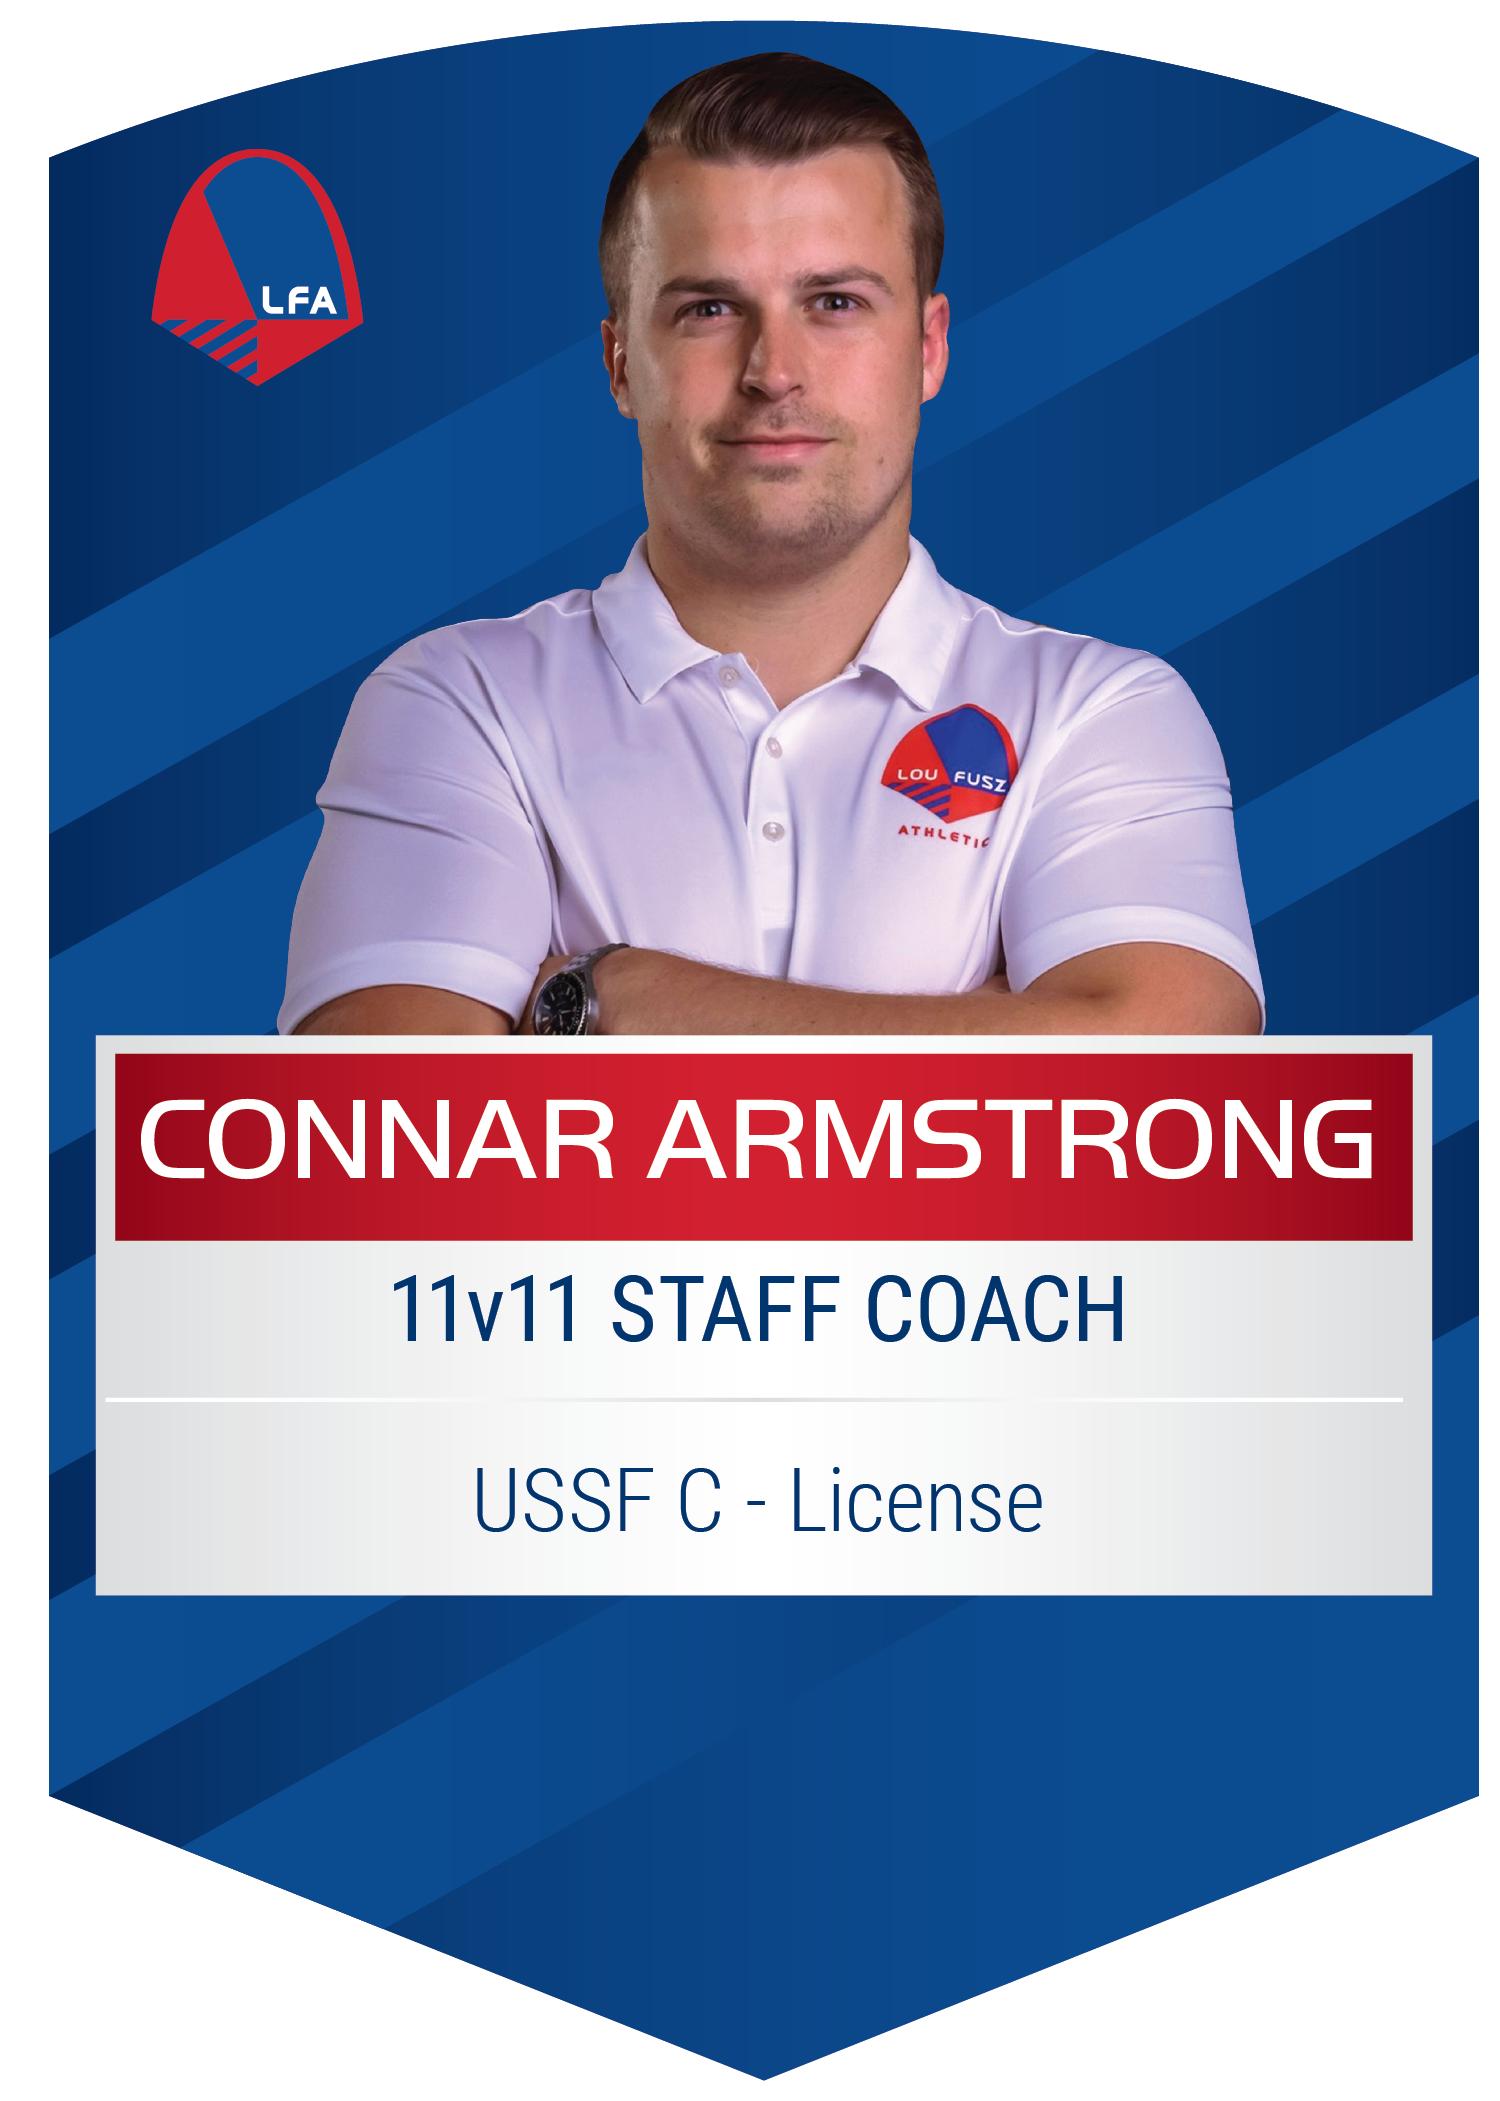 Connar Armstrong